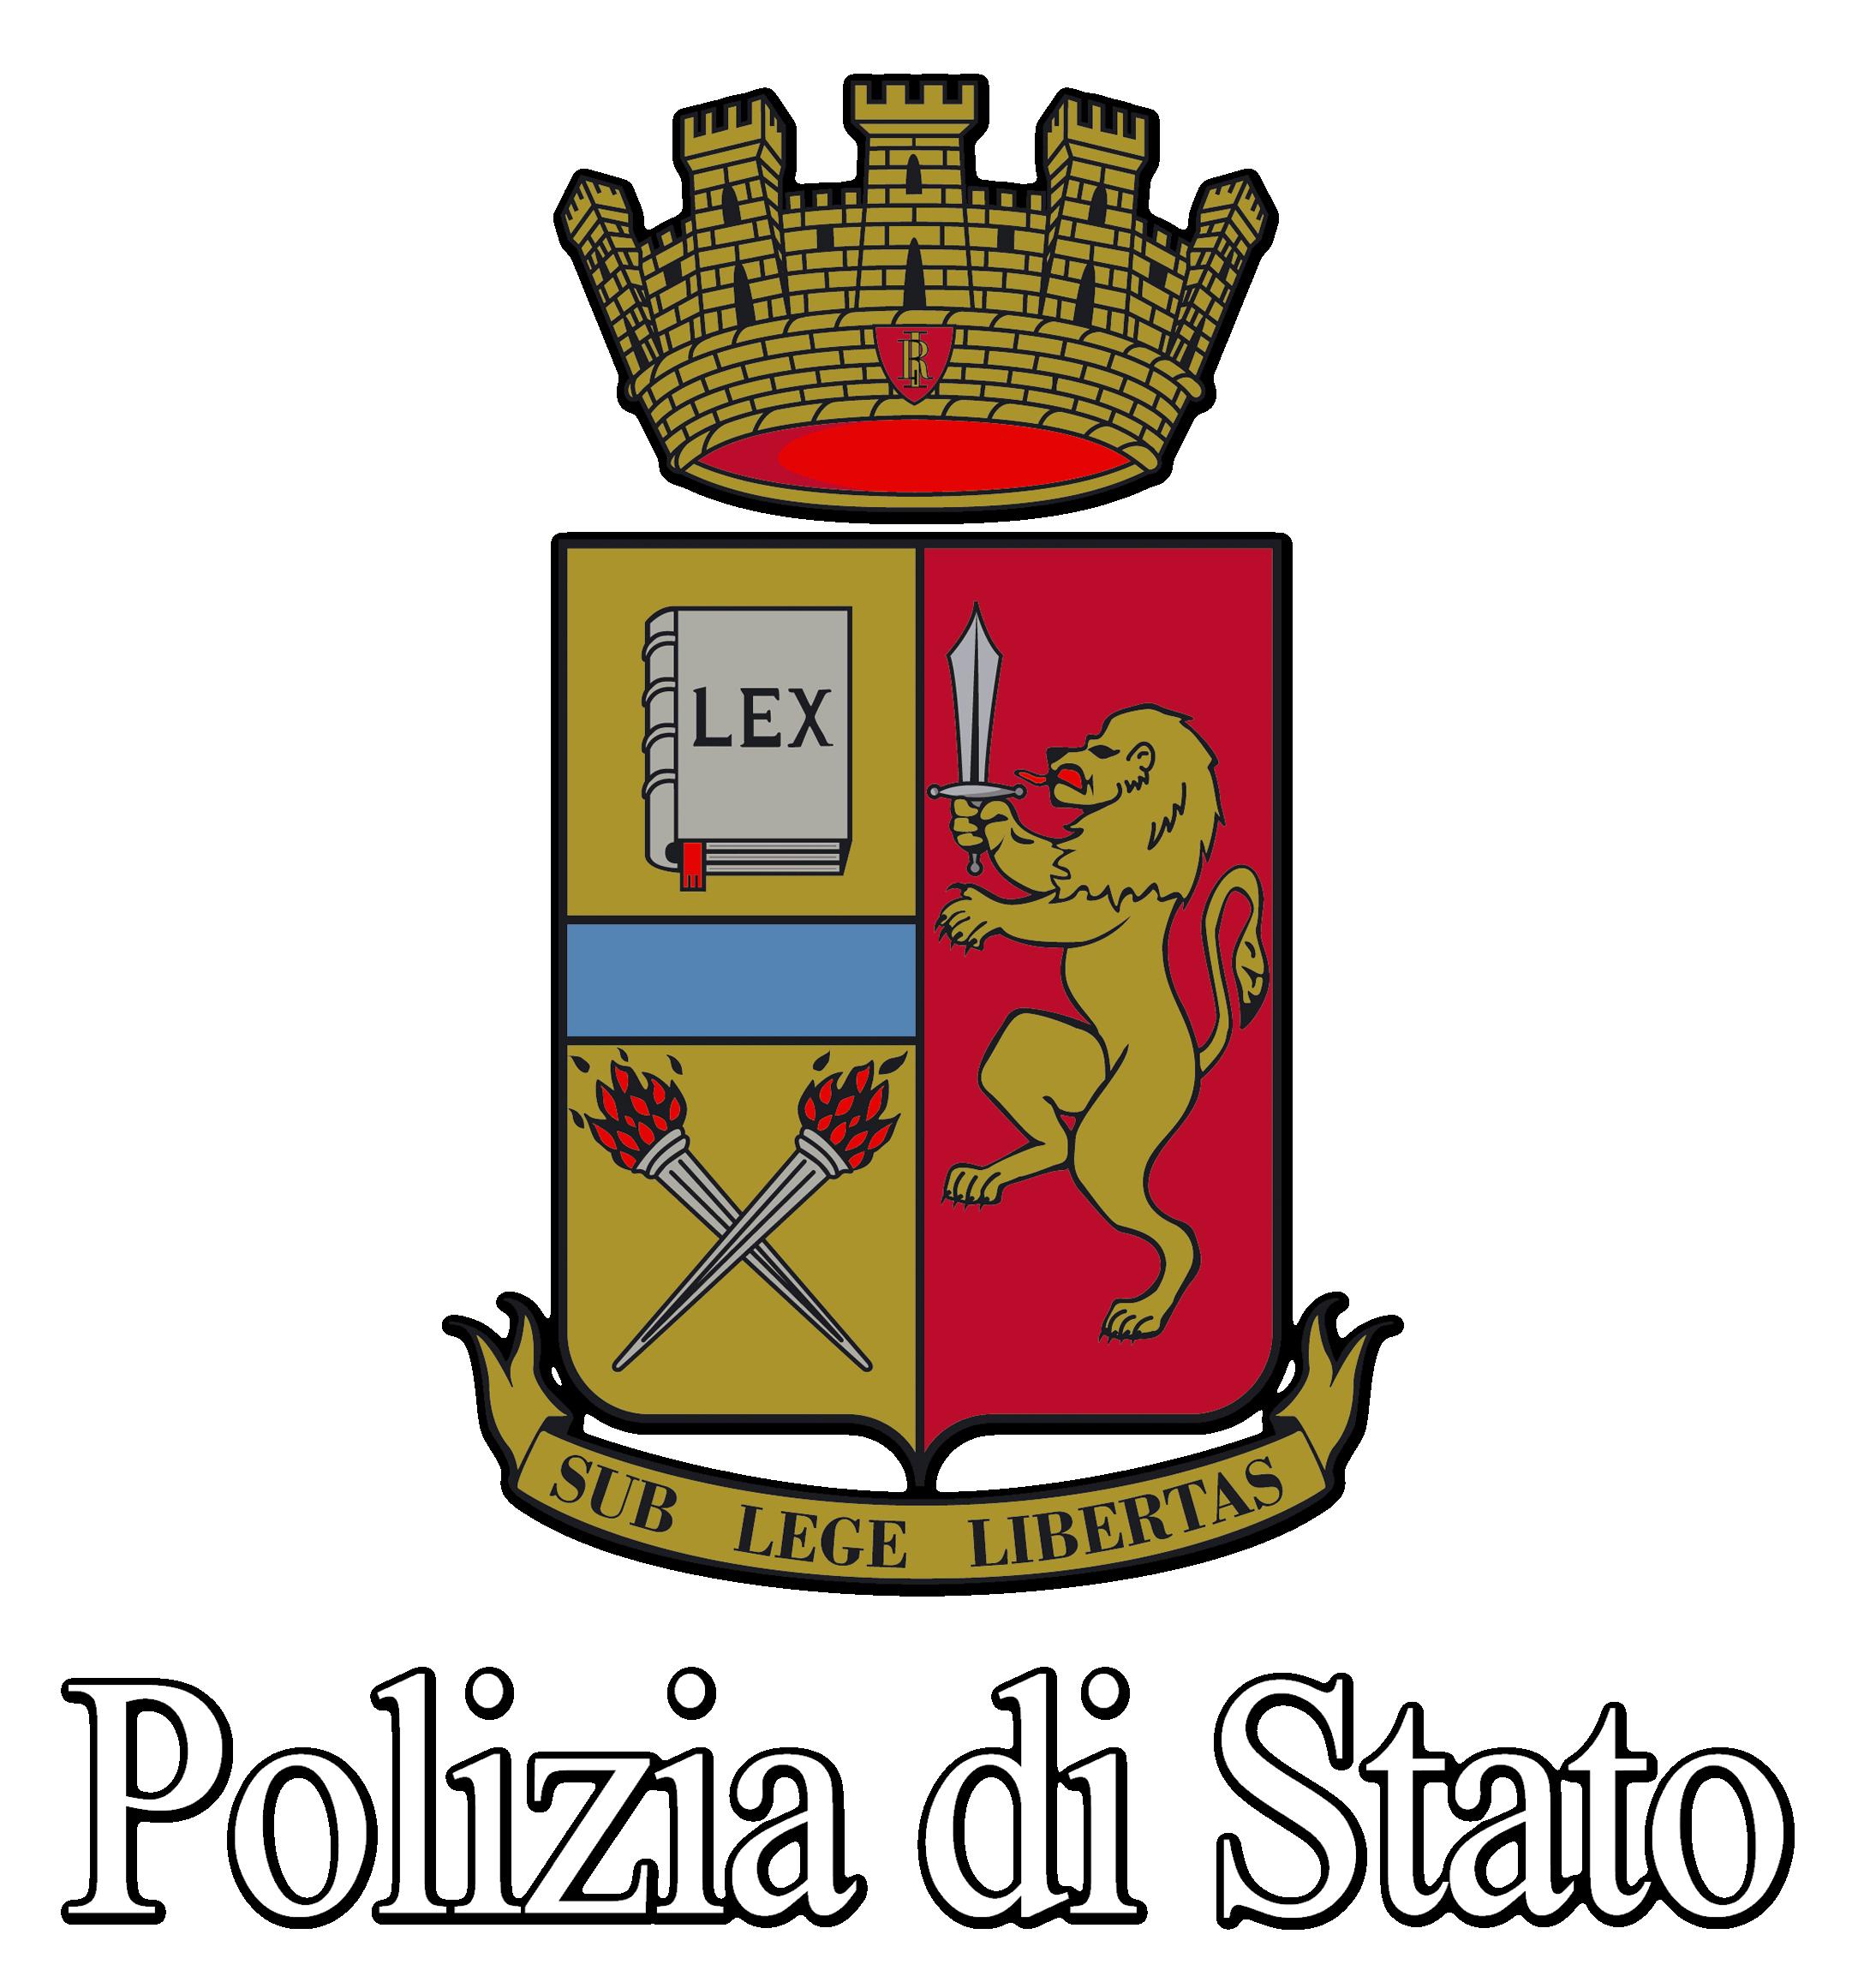 Polizia di stato questure sul web vercelli for Polizia di stato torino permesso di soggiorno